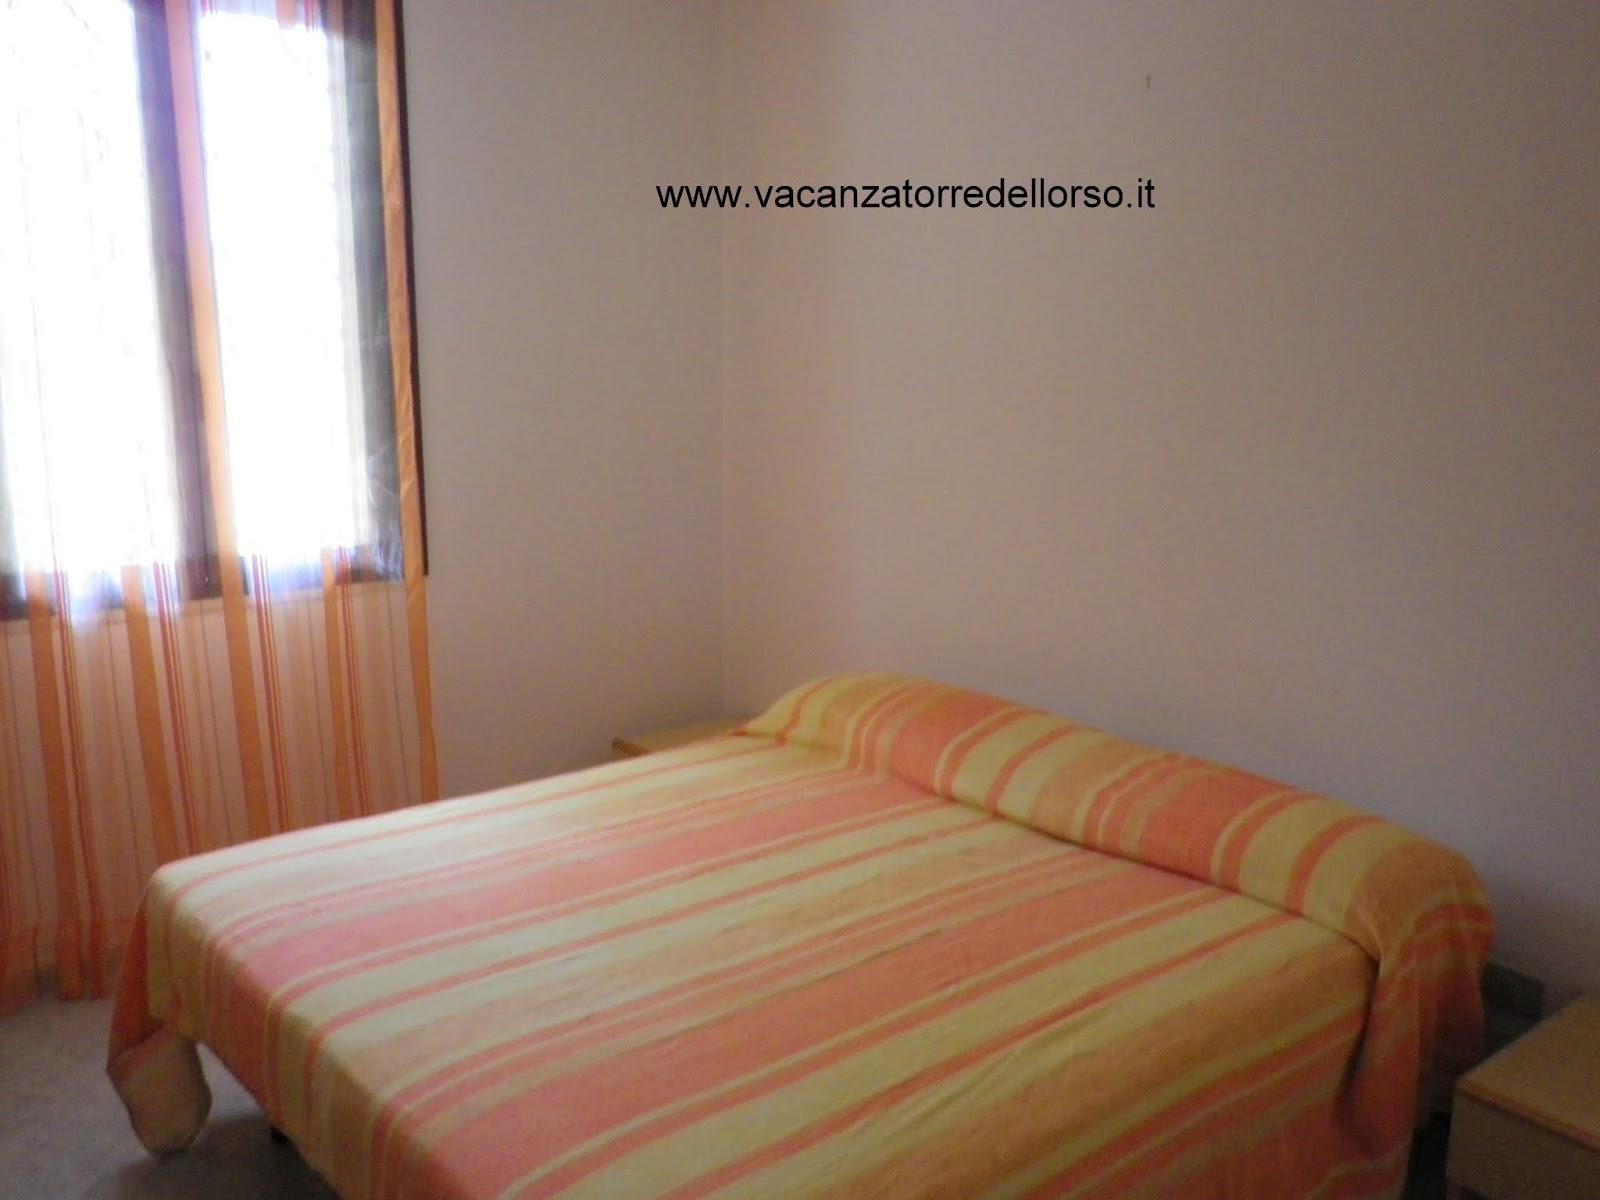 Camere da letto vacanza torre dell 39 orso for Piantina di 8 camere da letto